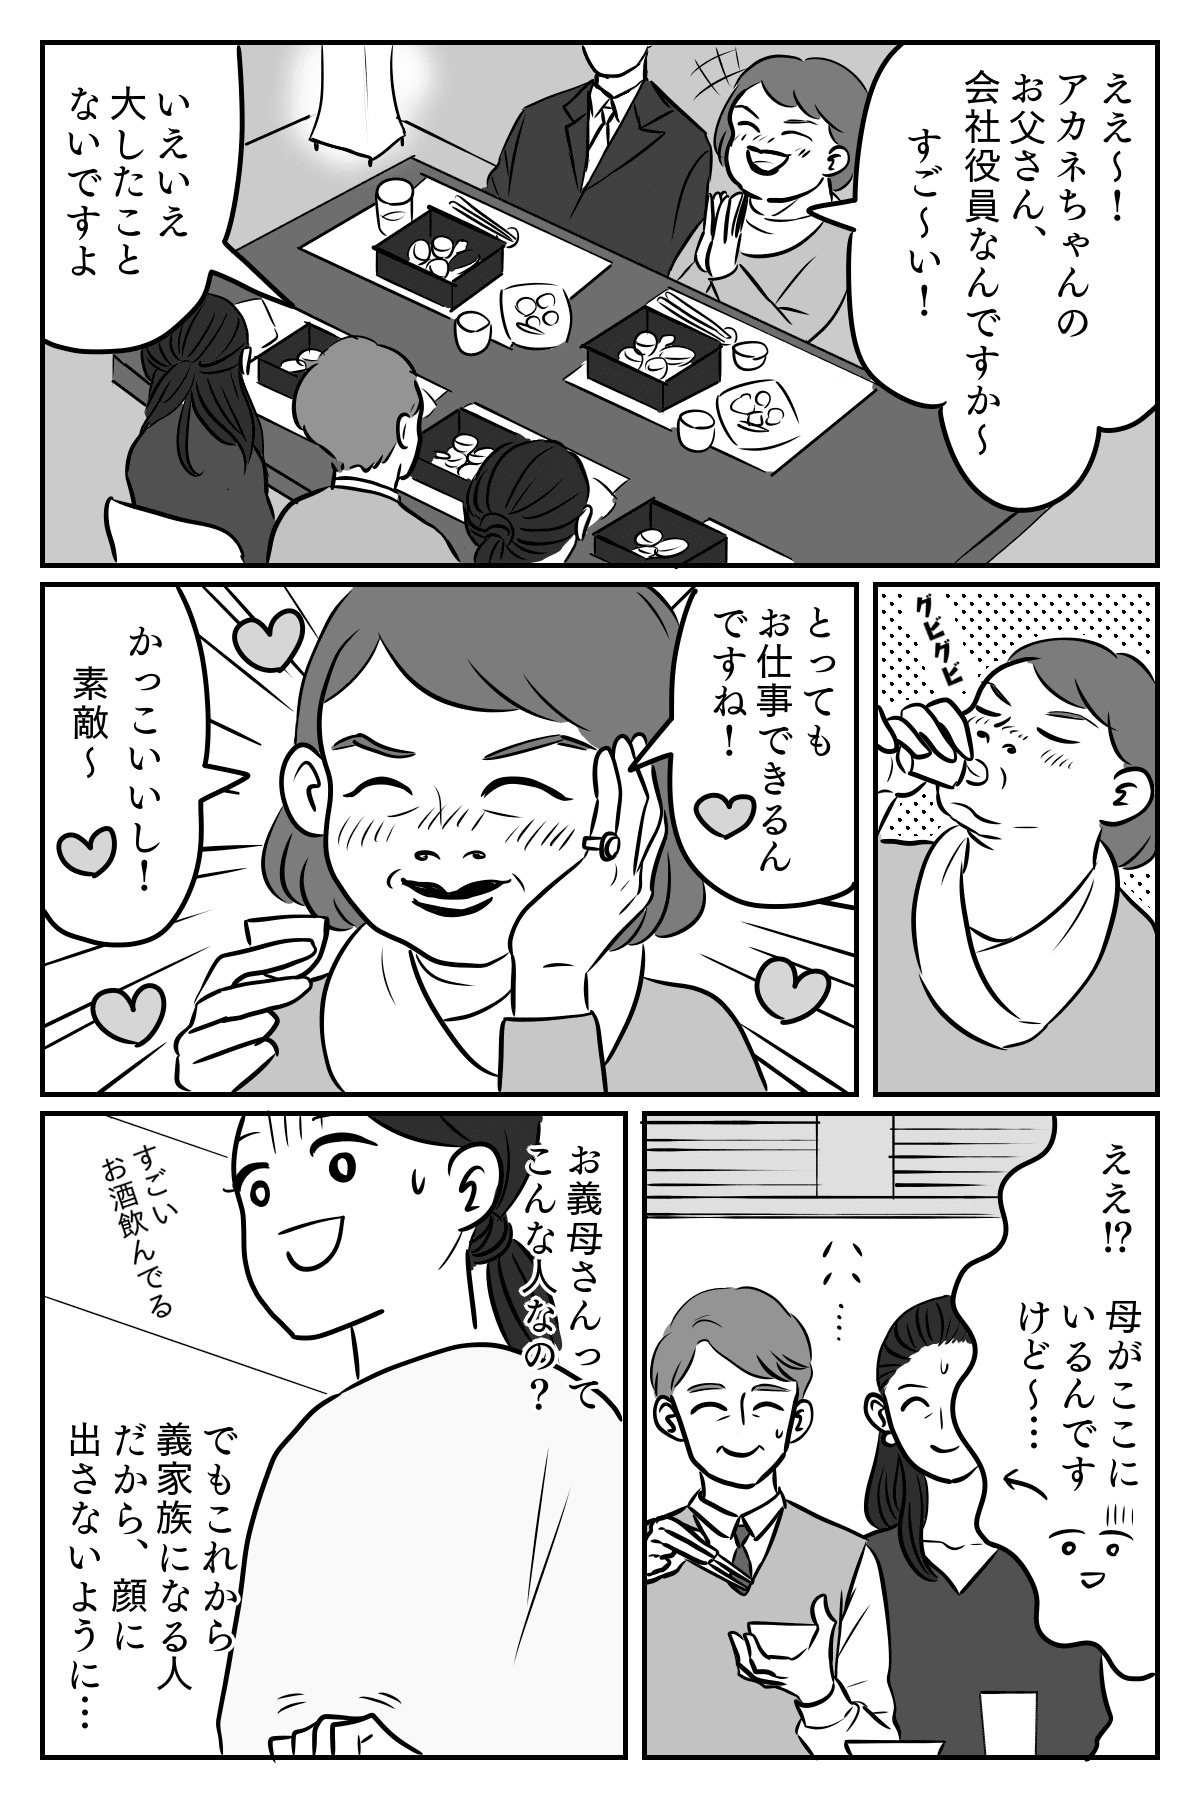 相沢まきママスタ